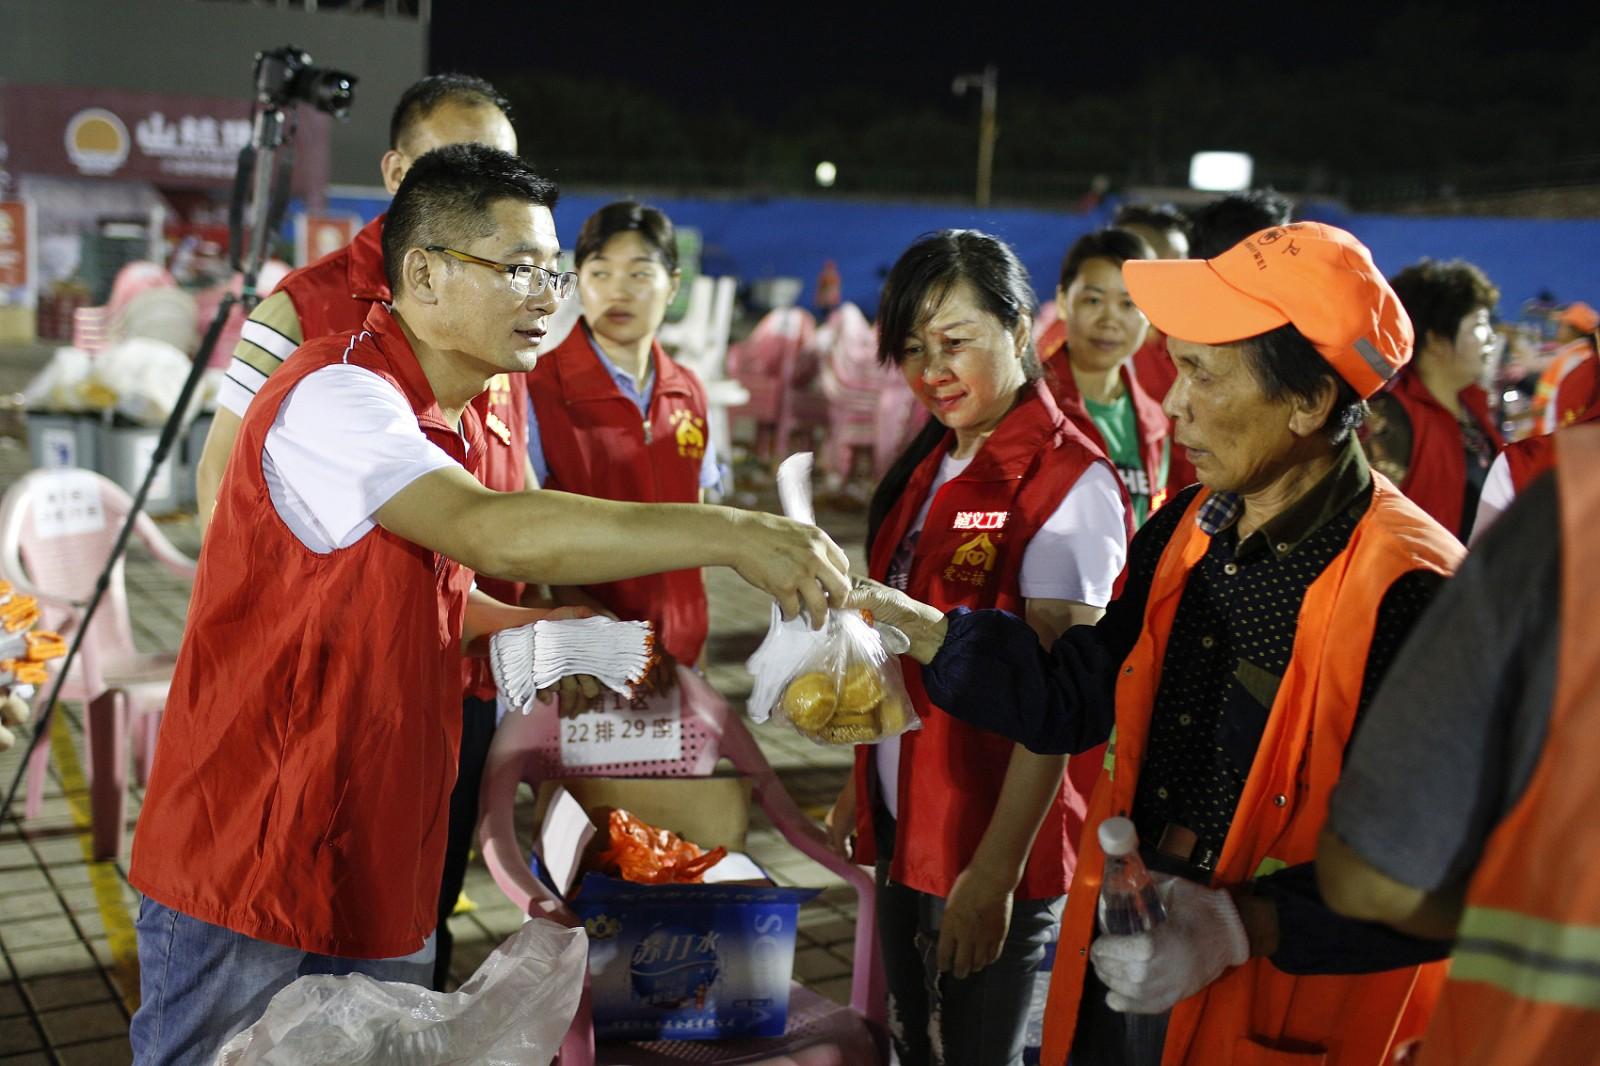 2018年6月14日凌晨,在江苏省盱眙县都梁公园龙虾广场,爱心志愿者向环卫工赠送手套和食品。